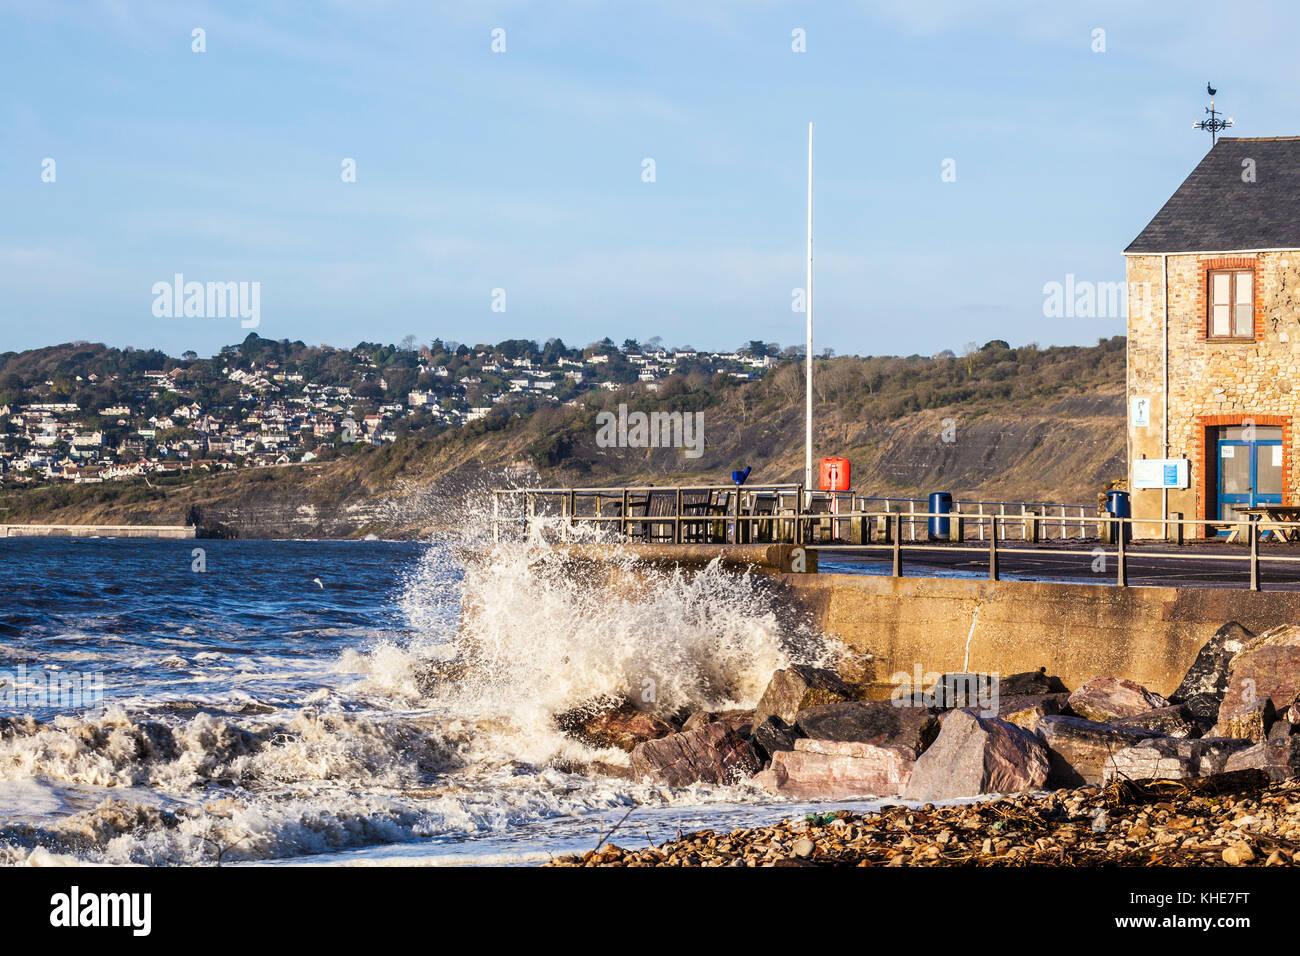 Wellen gegen die Quay bei Charmouth, Dorset zu brechen. Stockbild